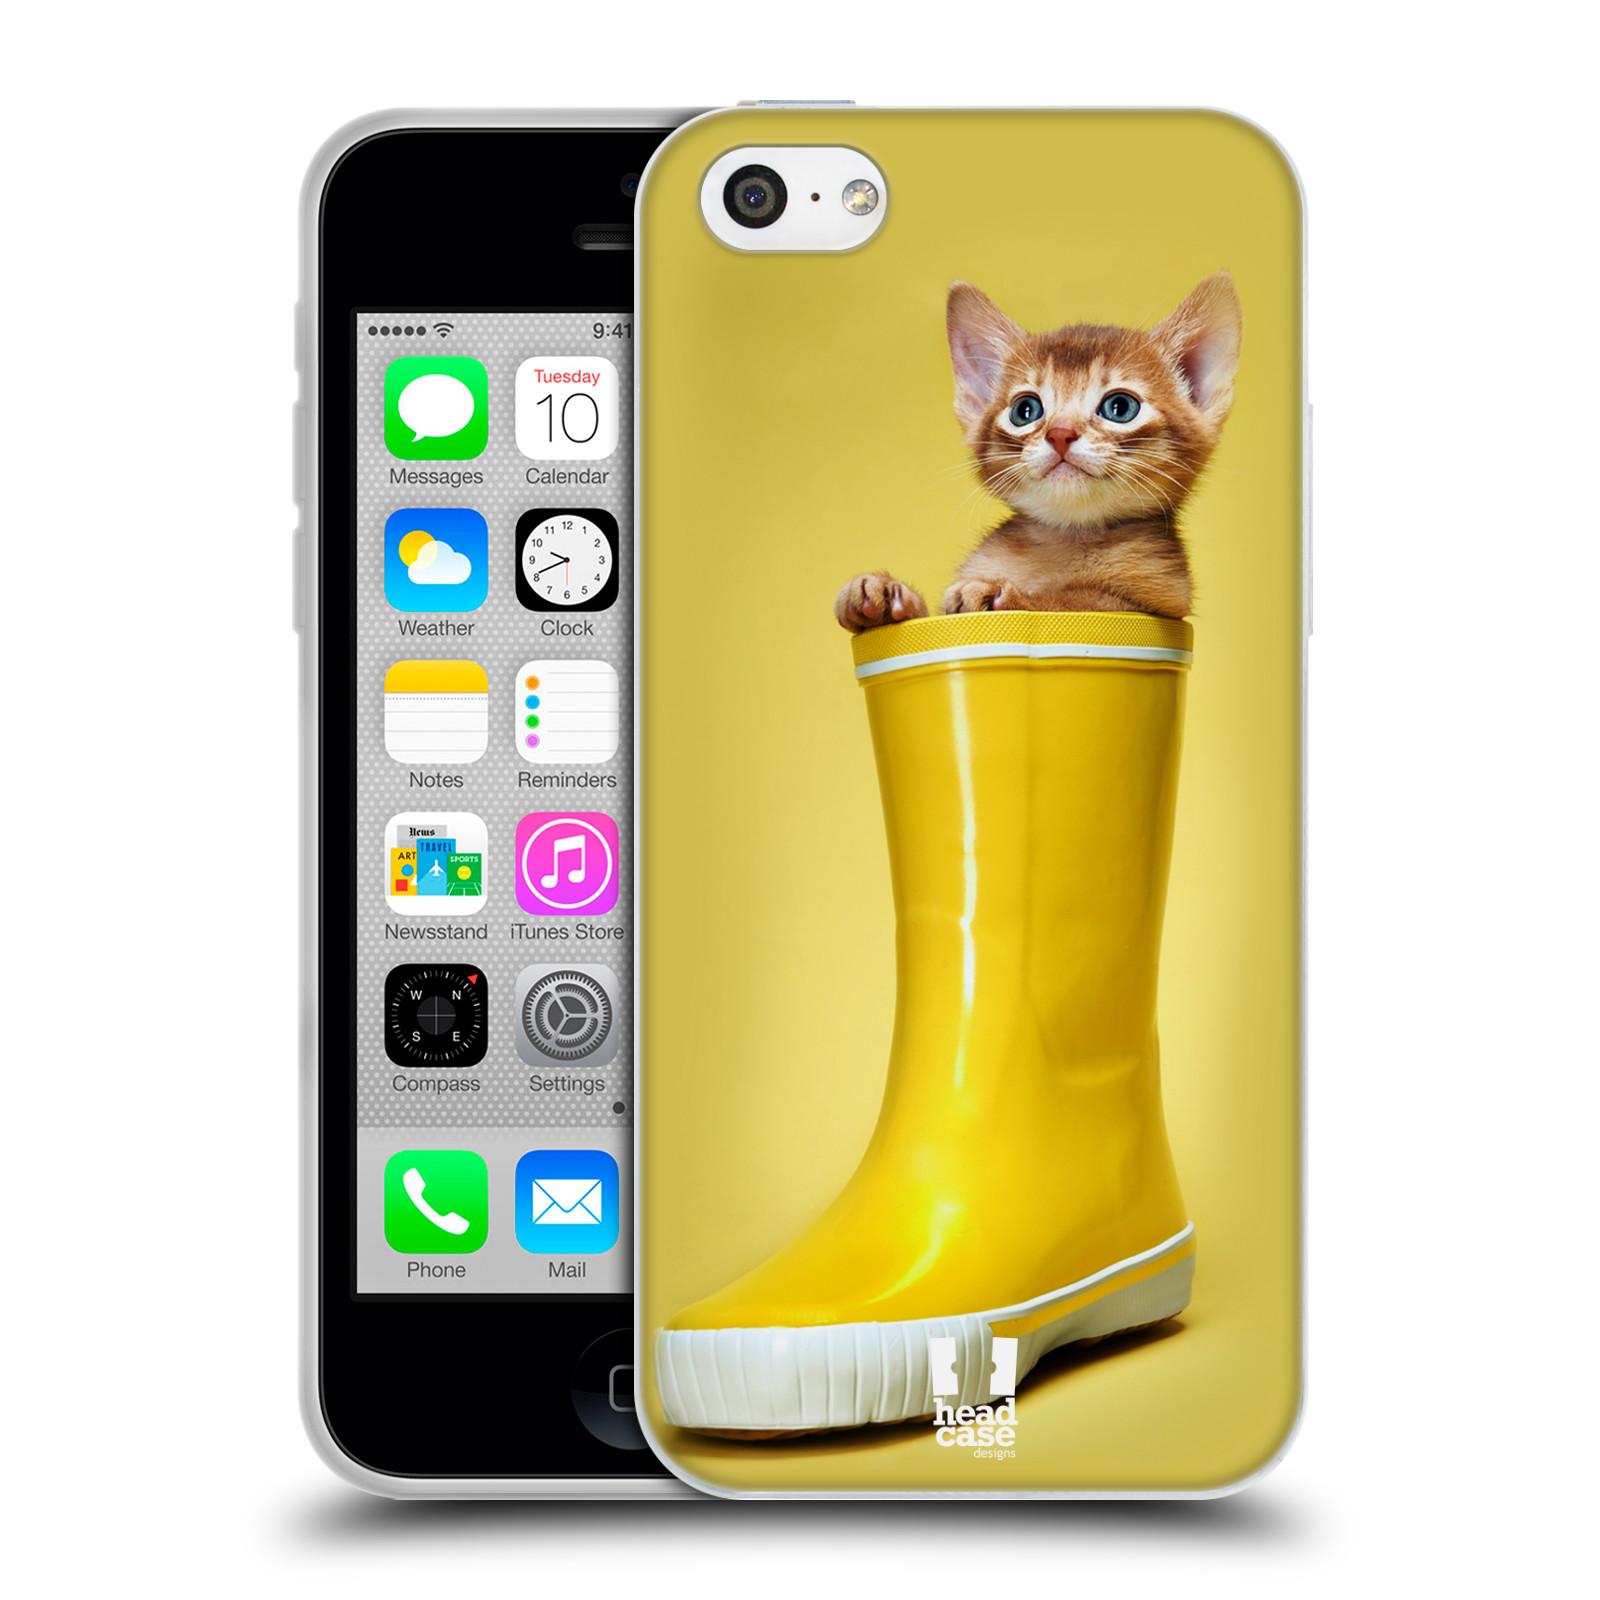 HEAD CASE silikonový obal na mobil Apple Iphone 5C vzor Legrační zvířátka kotě v botě žlutá